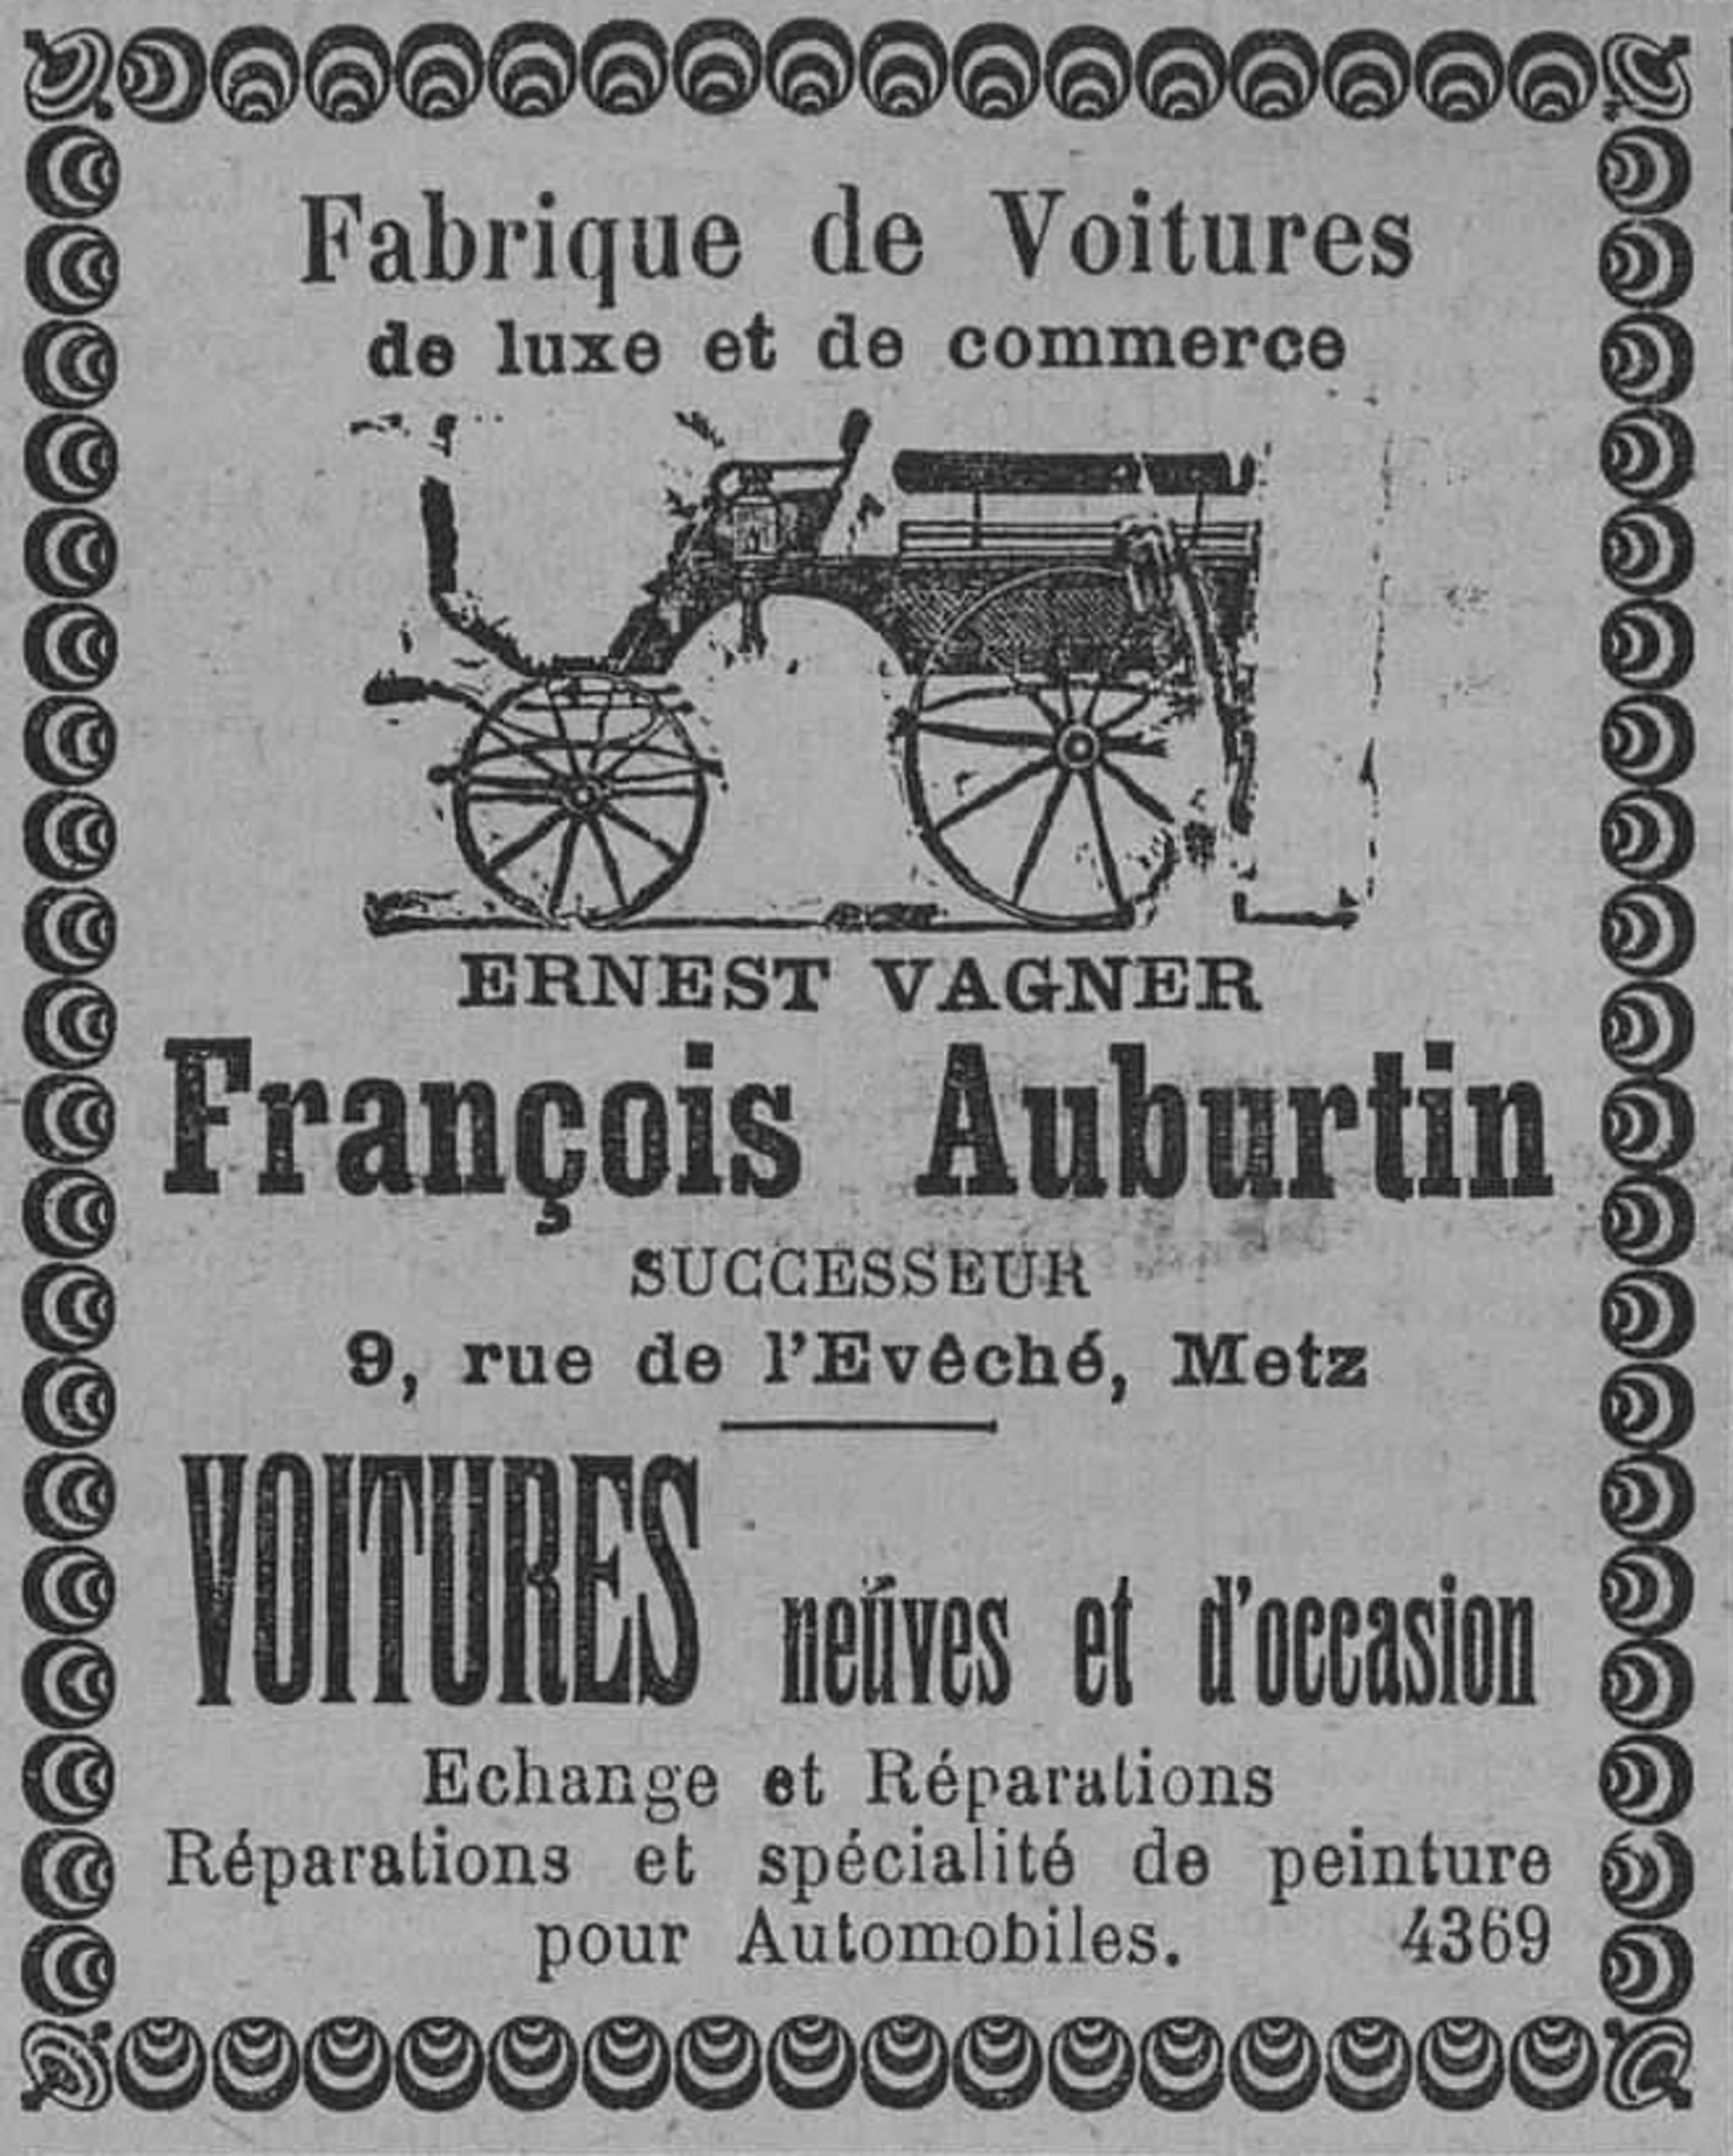 Contenu du Fabrique de voitures de luxe et de commerce, François Auburtin